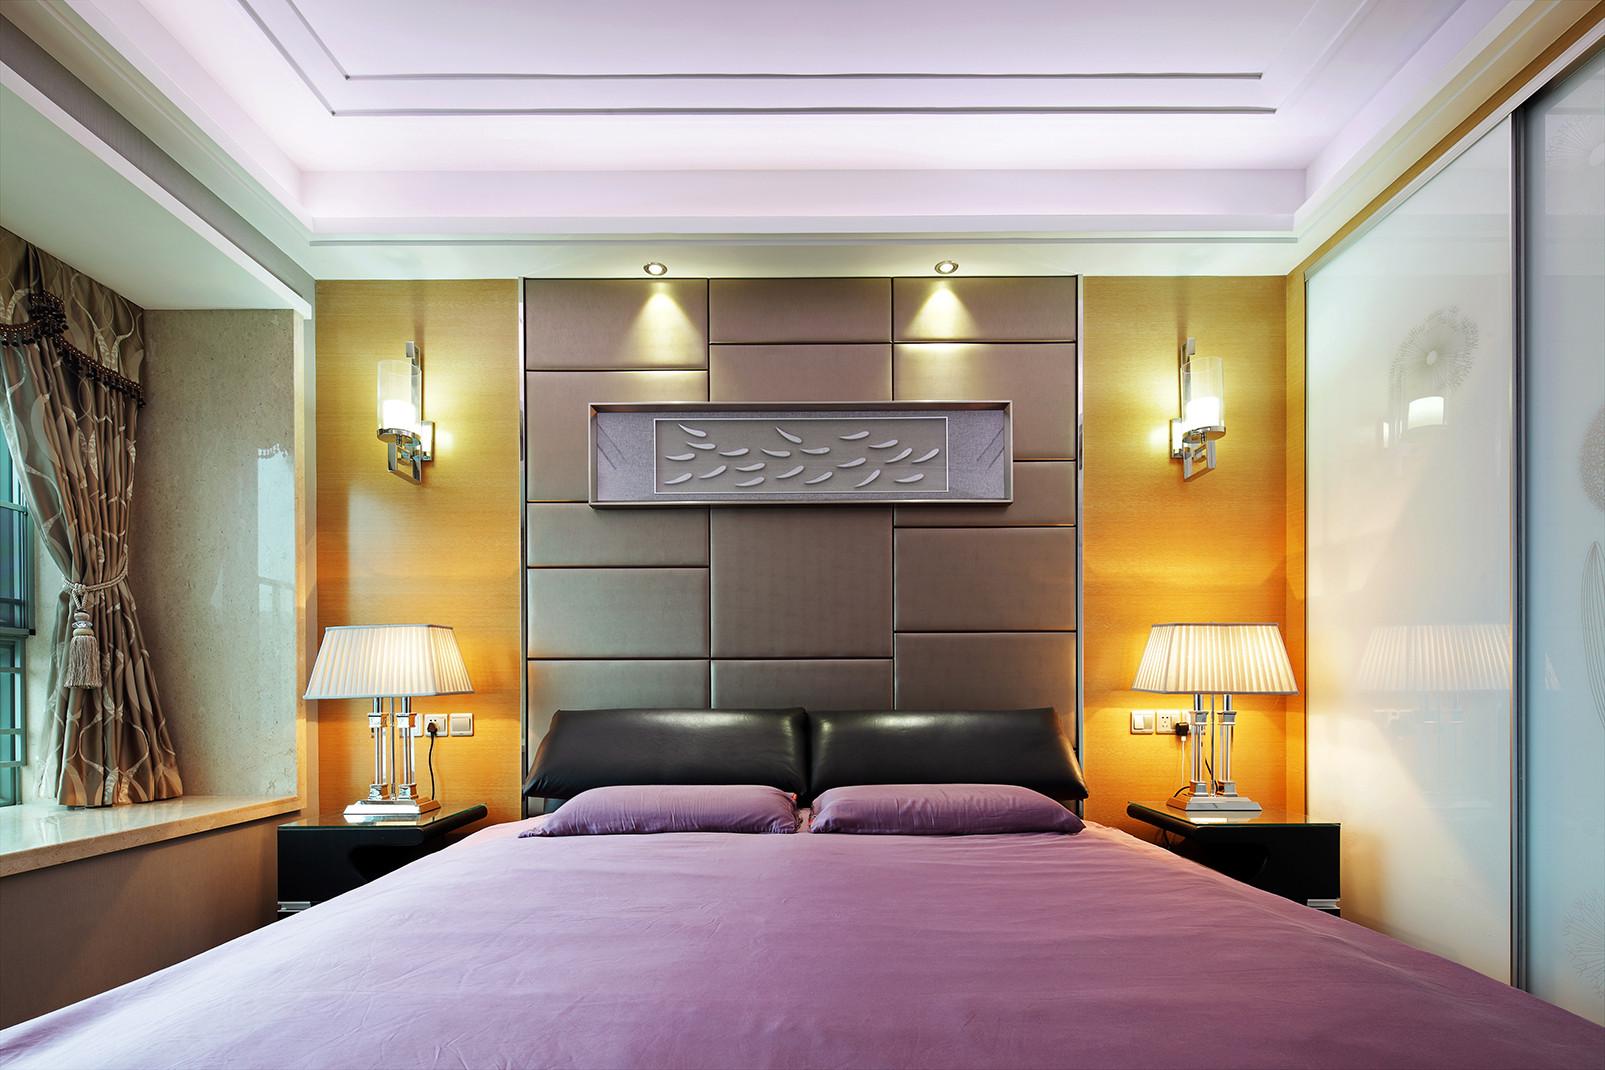 现代都市风格之家床头背景墙图片